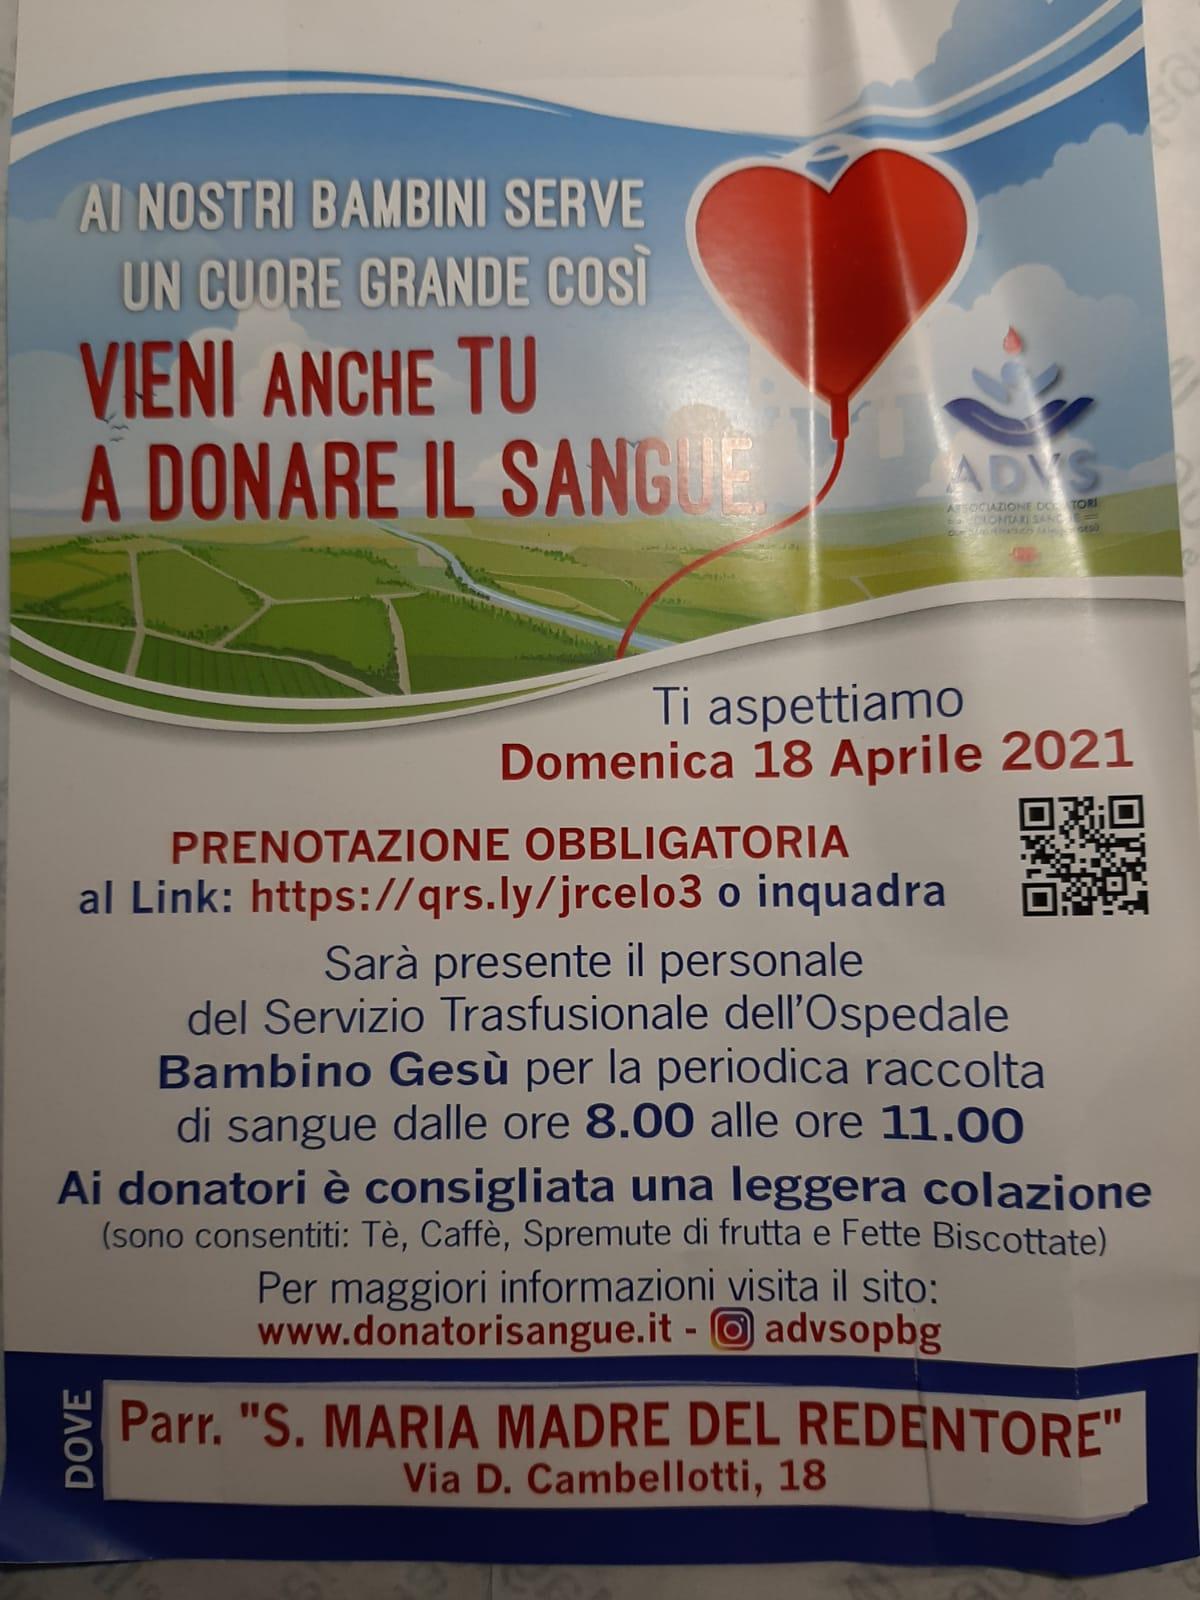 Donazione del sangue - 18 aprile 2021